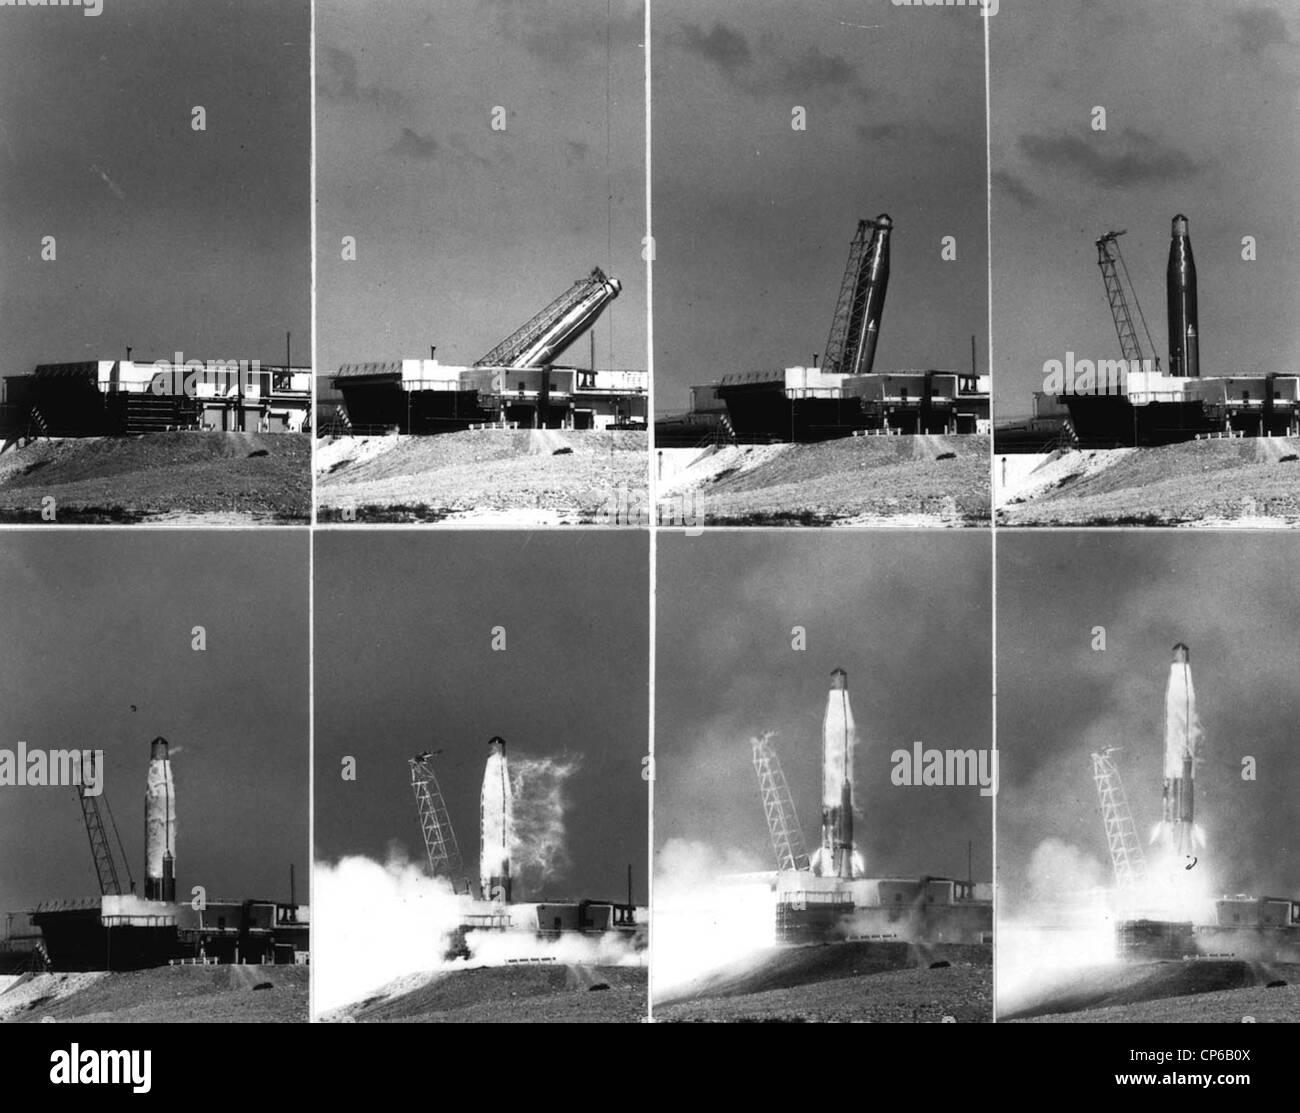 Atlas D #25D missile intercontinentale è mostrato in una sequenza di immagini essendo eretta e lanciato. Immagini Stock